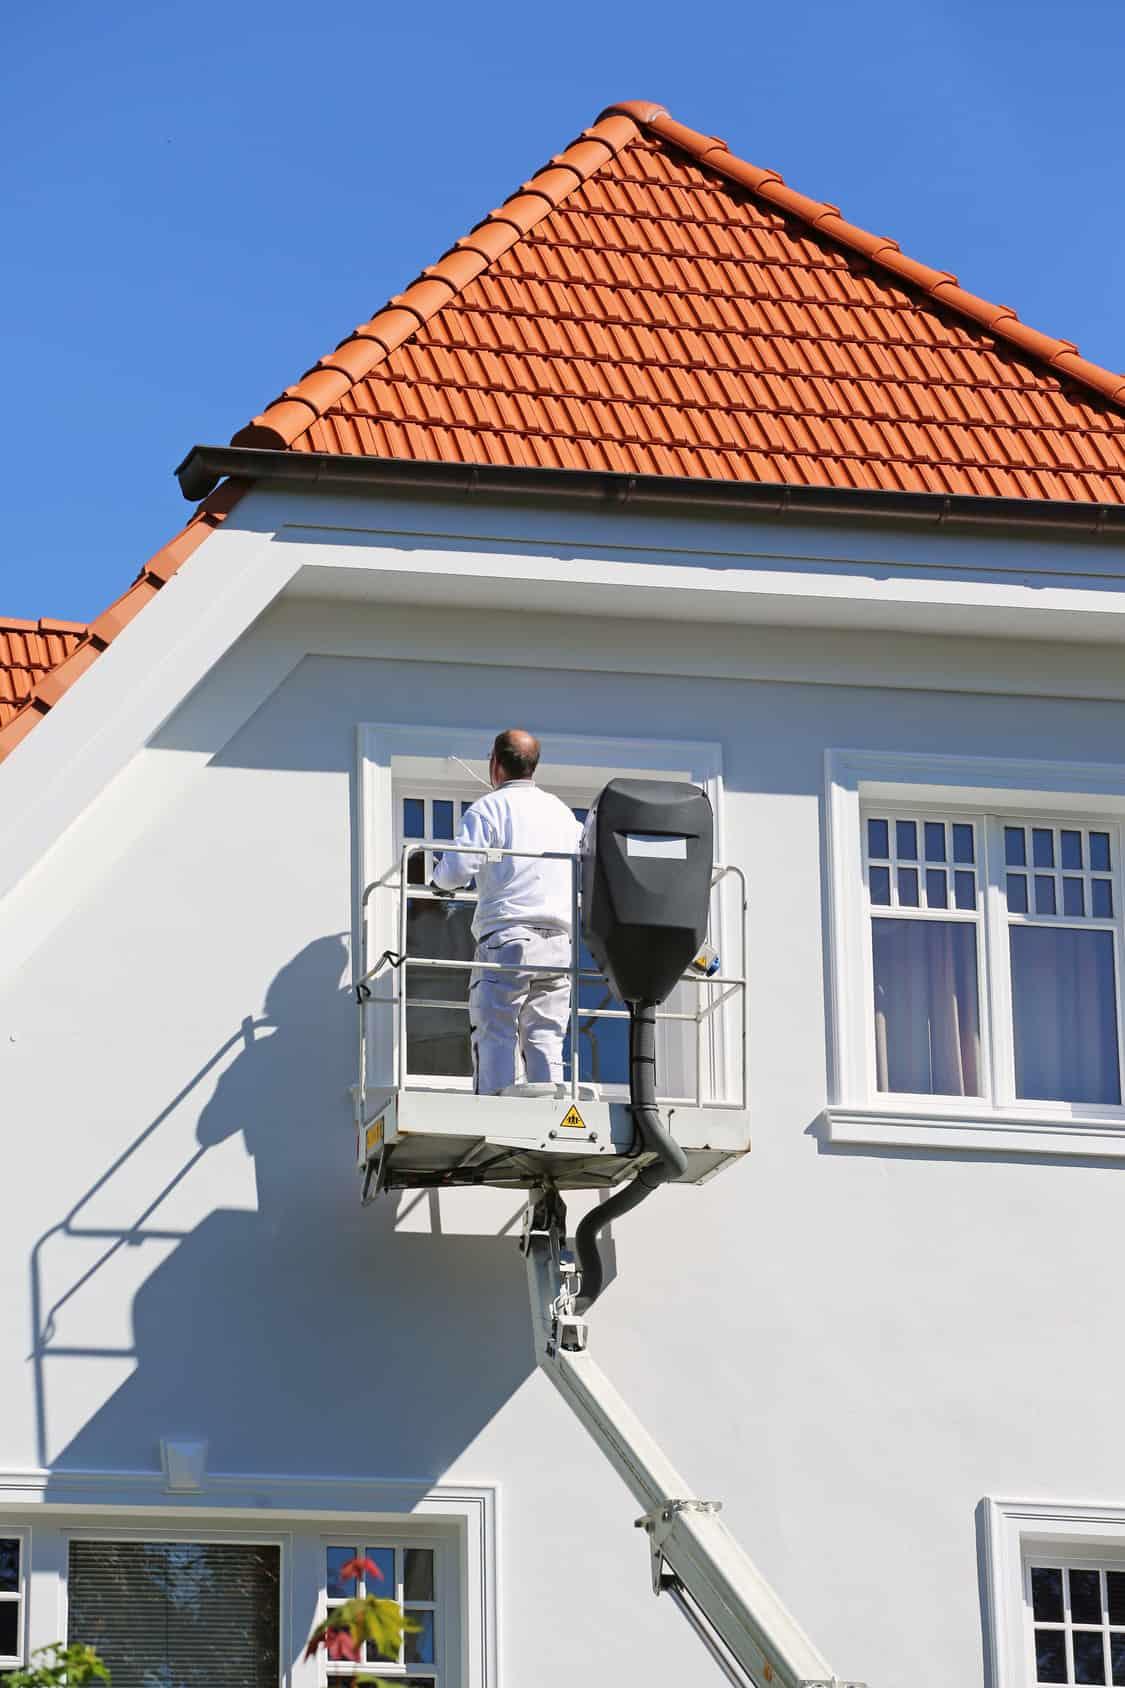 Comment r aliser un nettoyage de fa ade d 39 une maison les m thodes - Comment estimer le prix d une maison ...